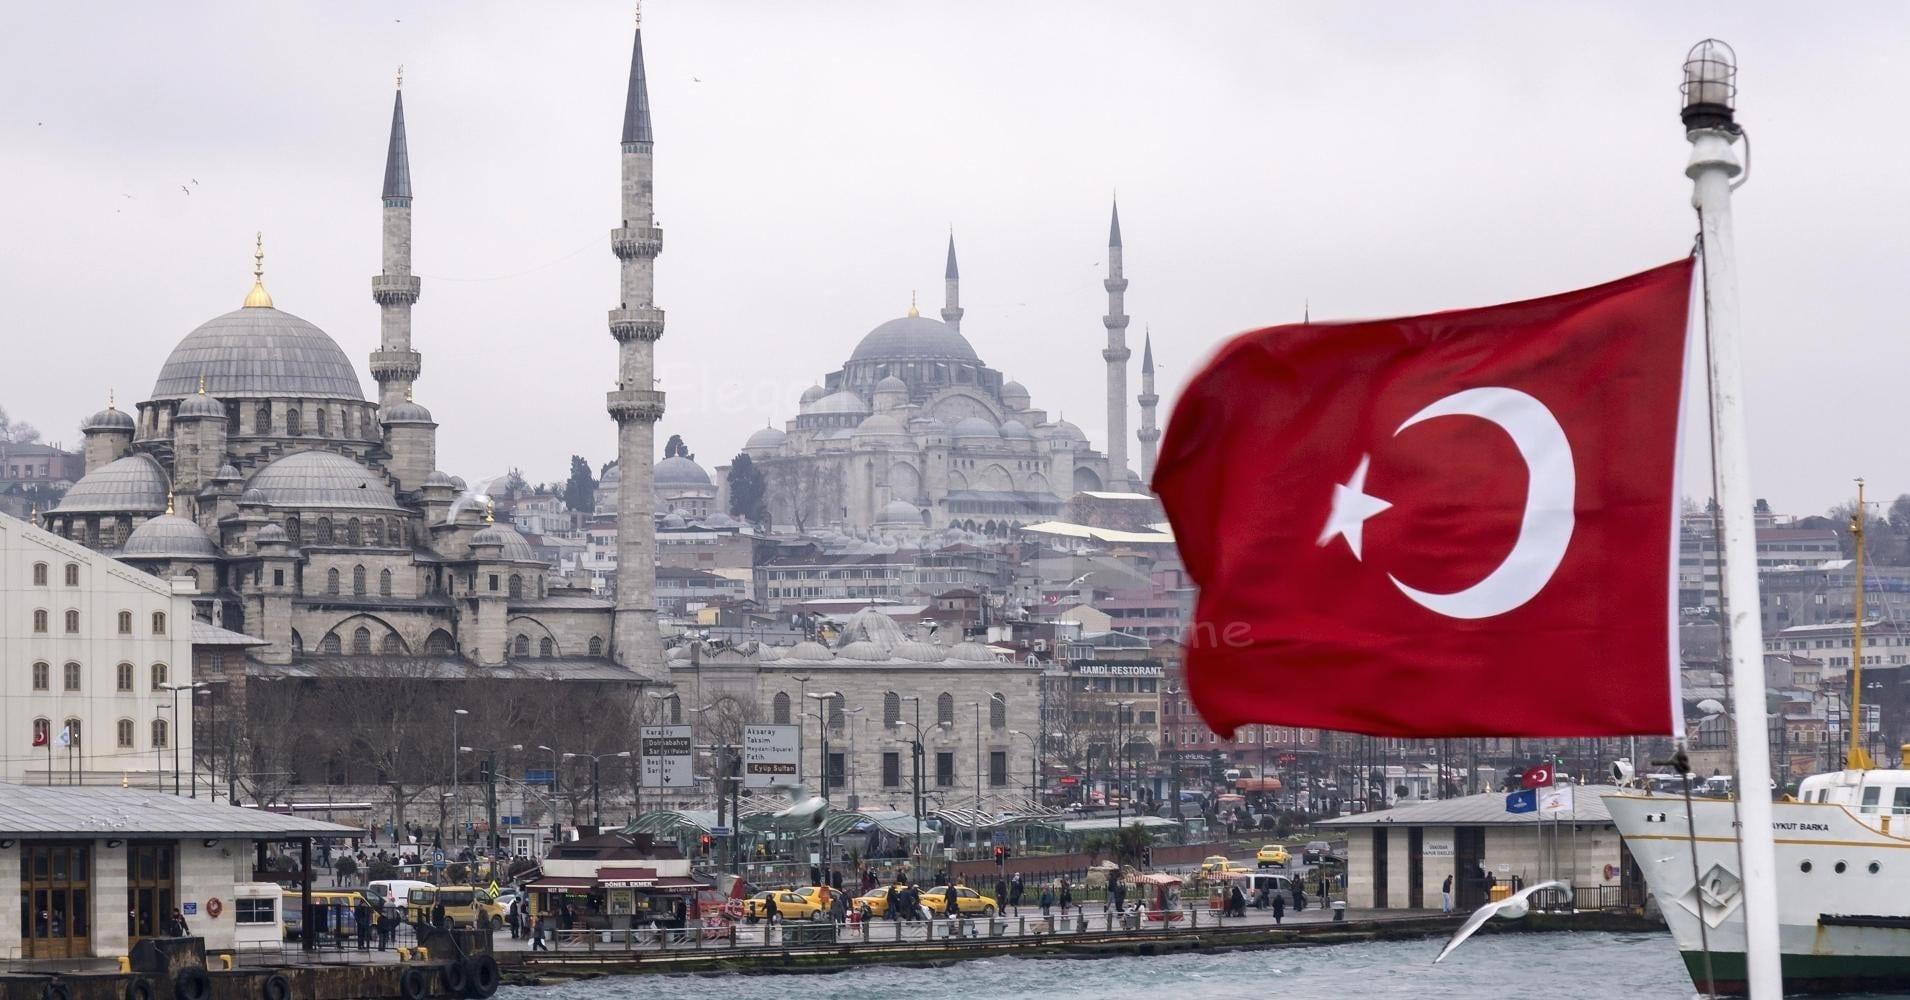 التجارة الإلكترونية في تركيا